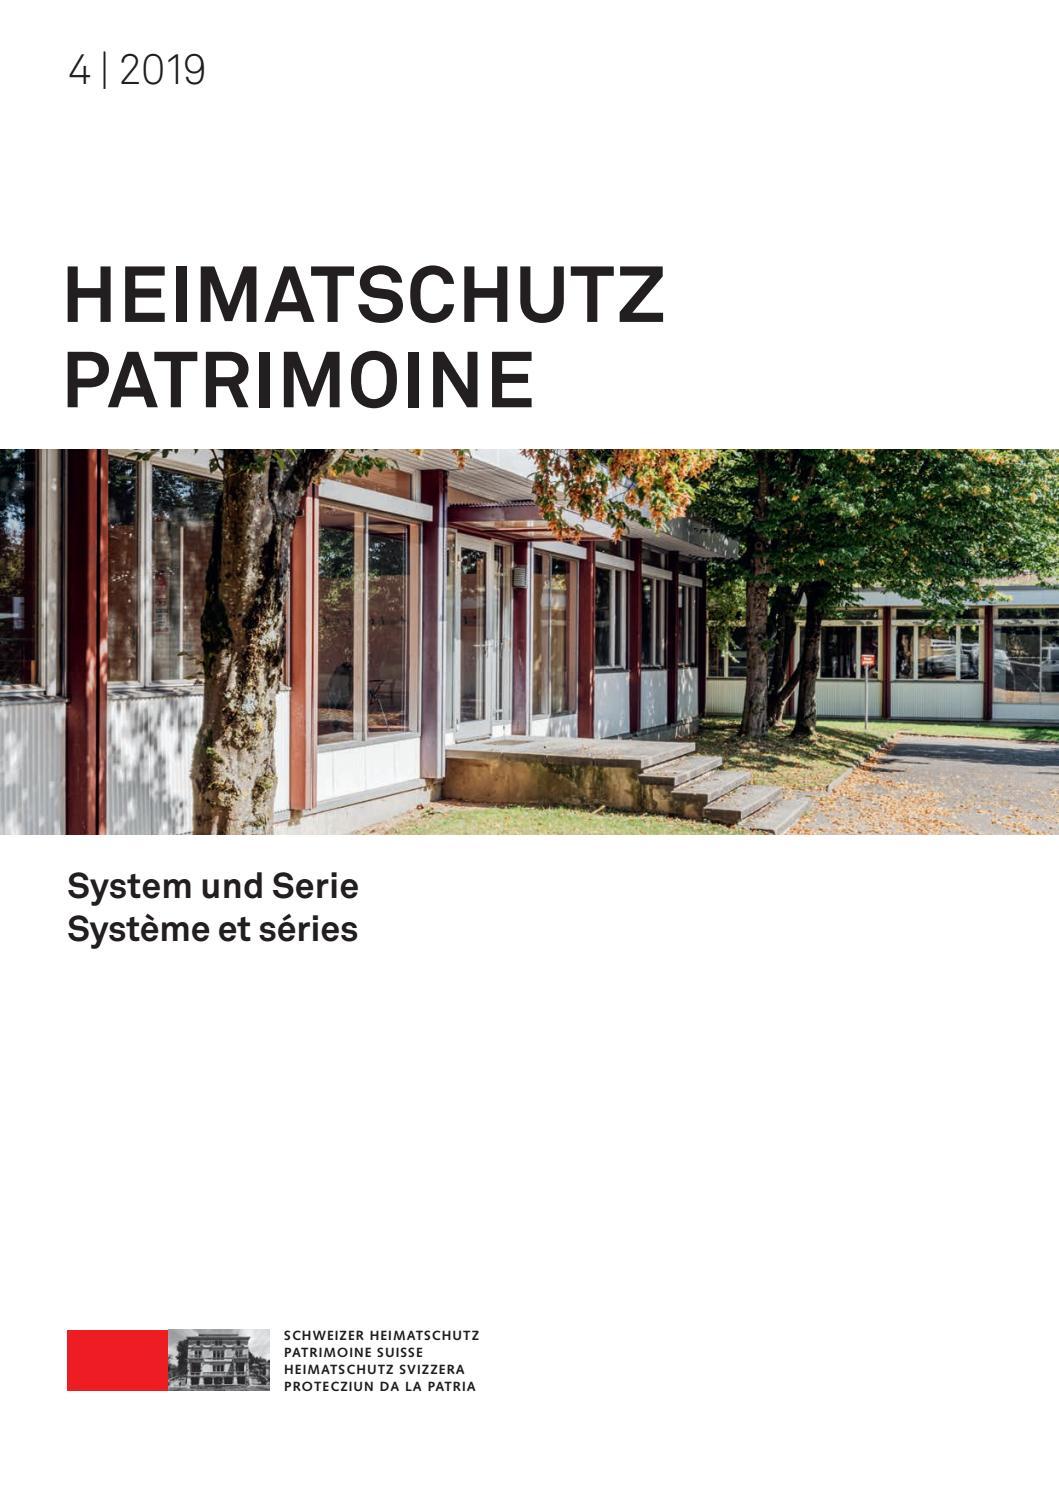 Heimatschutz/Patrimoine 4-2019 by Schweizer Heimatschutz - issuu